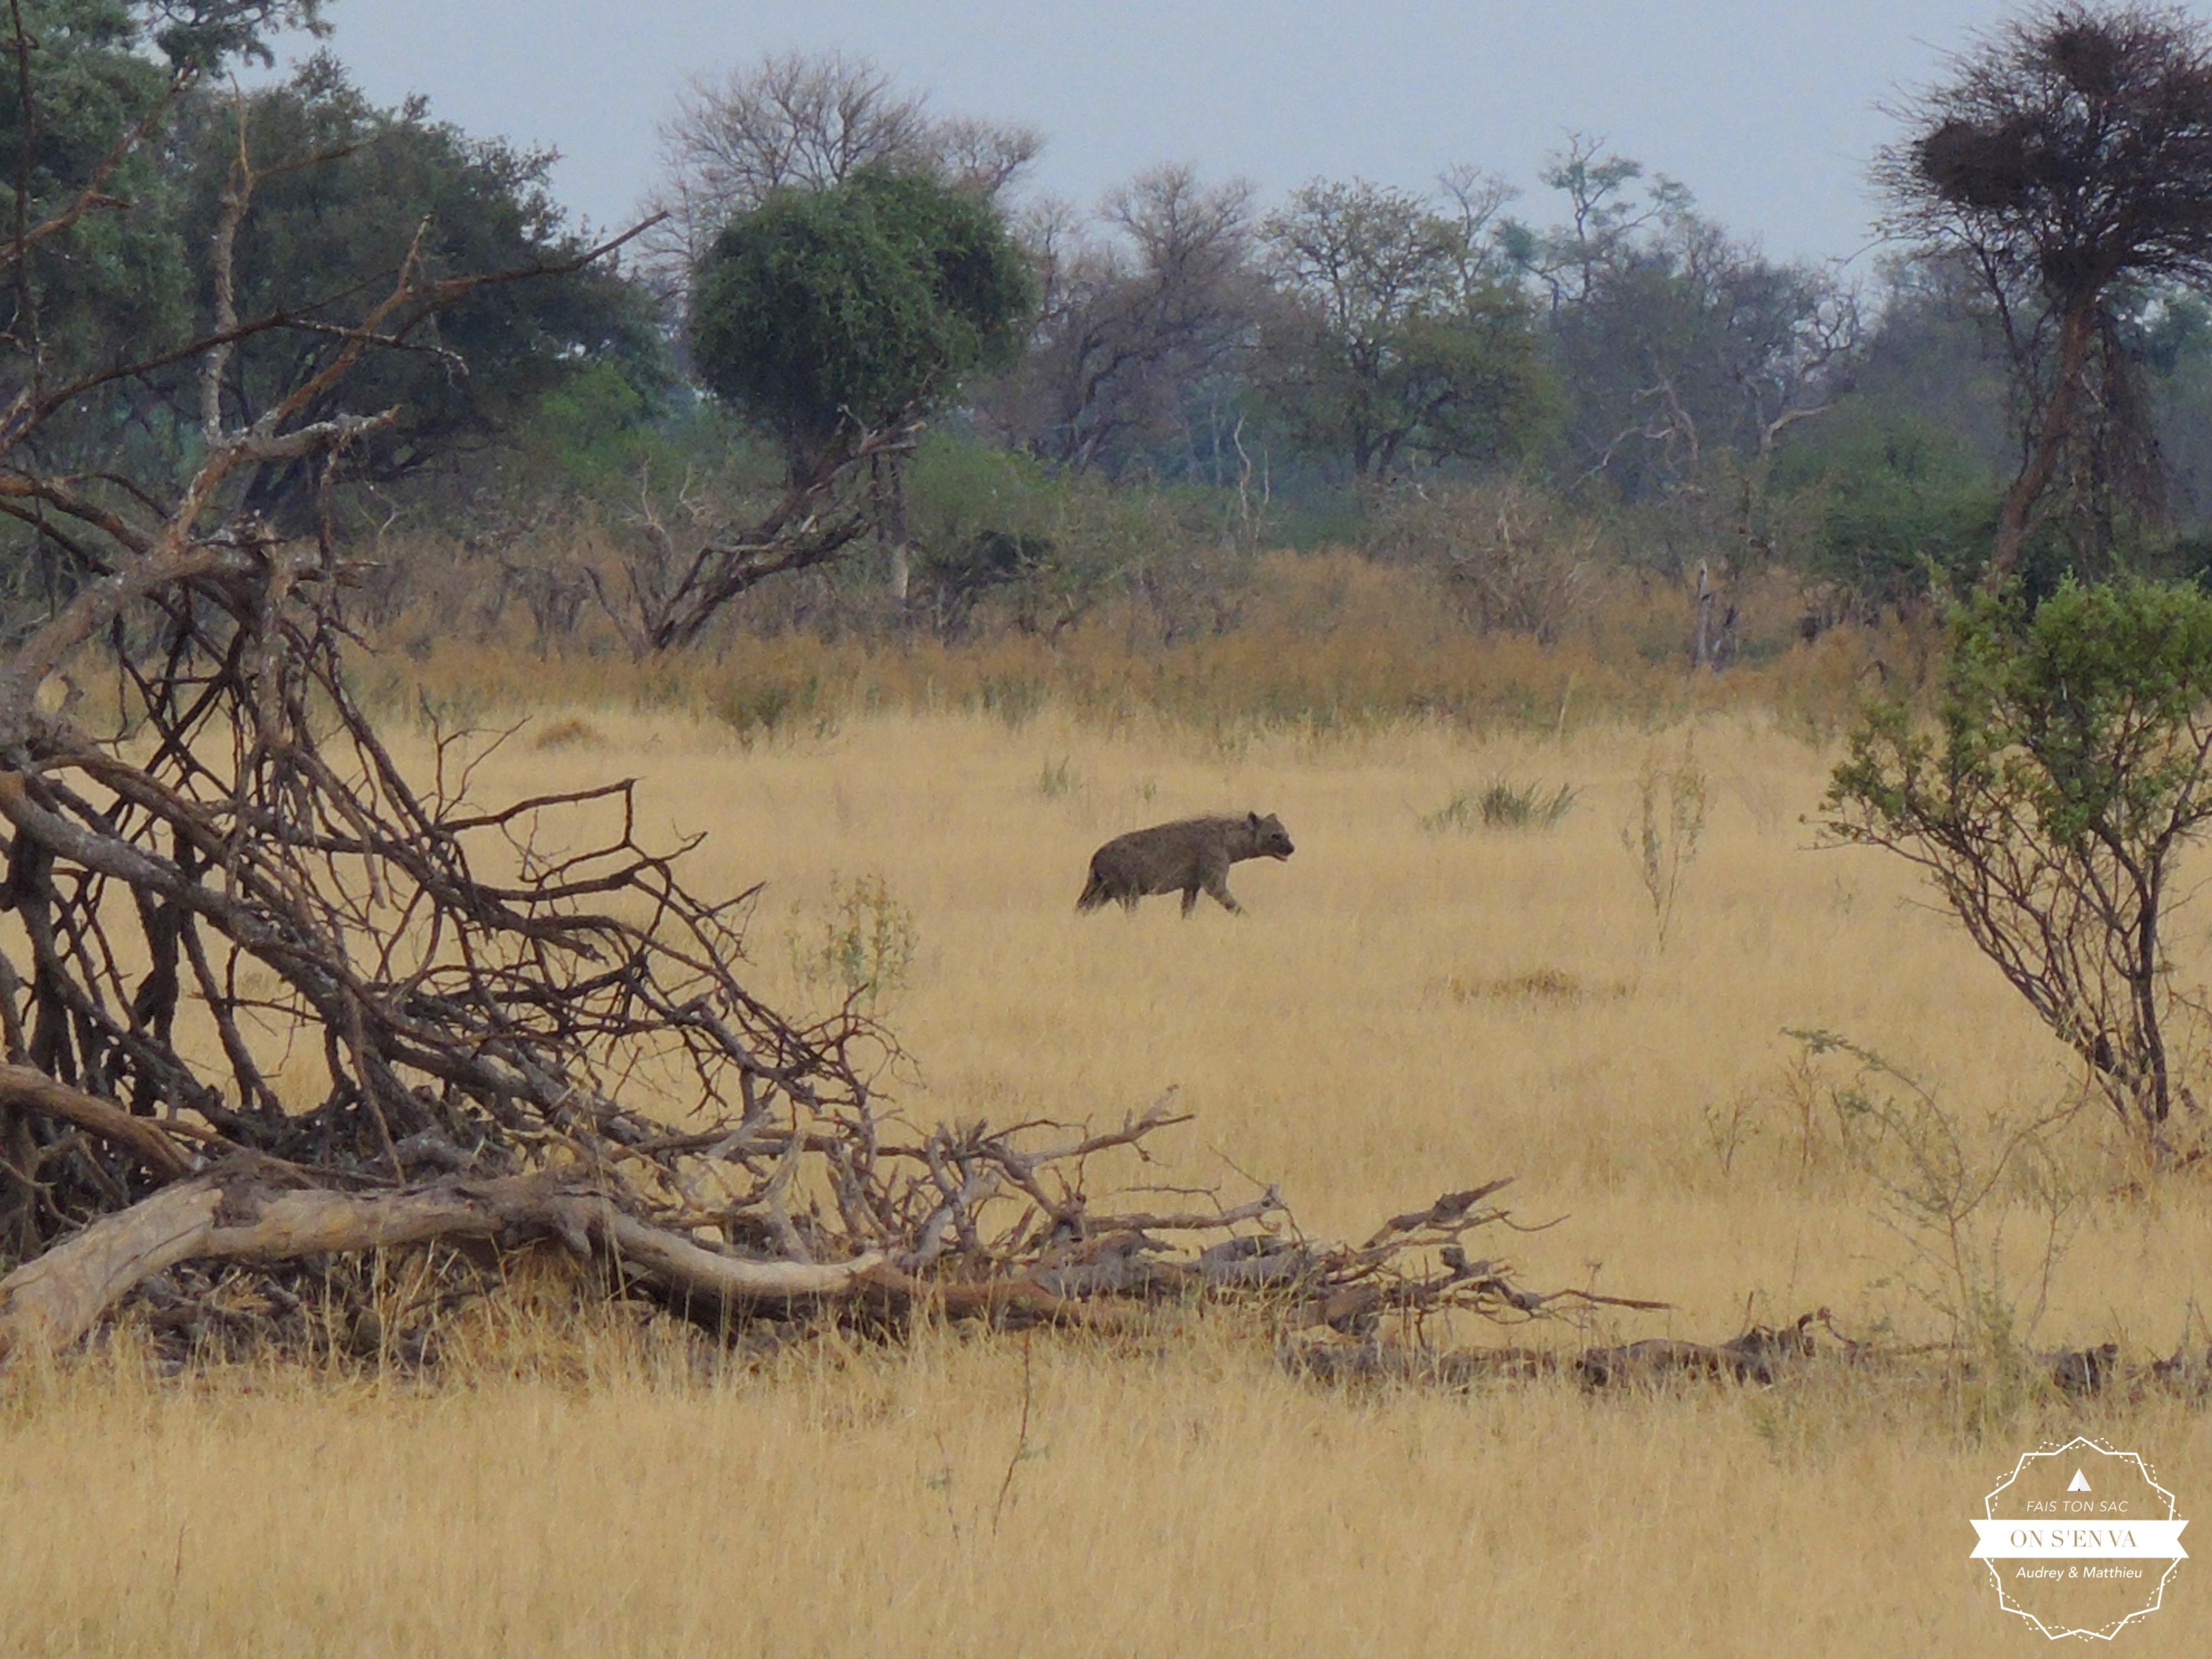 Une hyène au loin